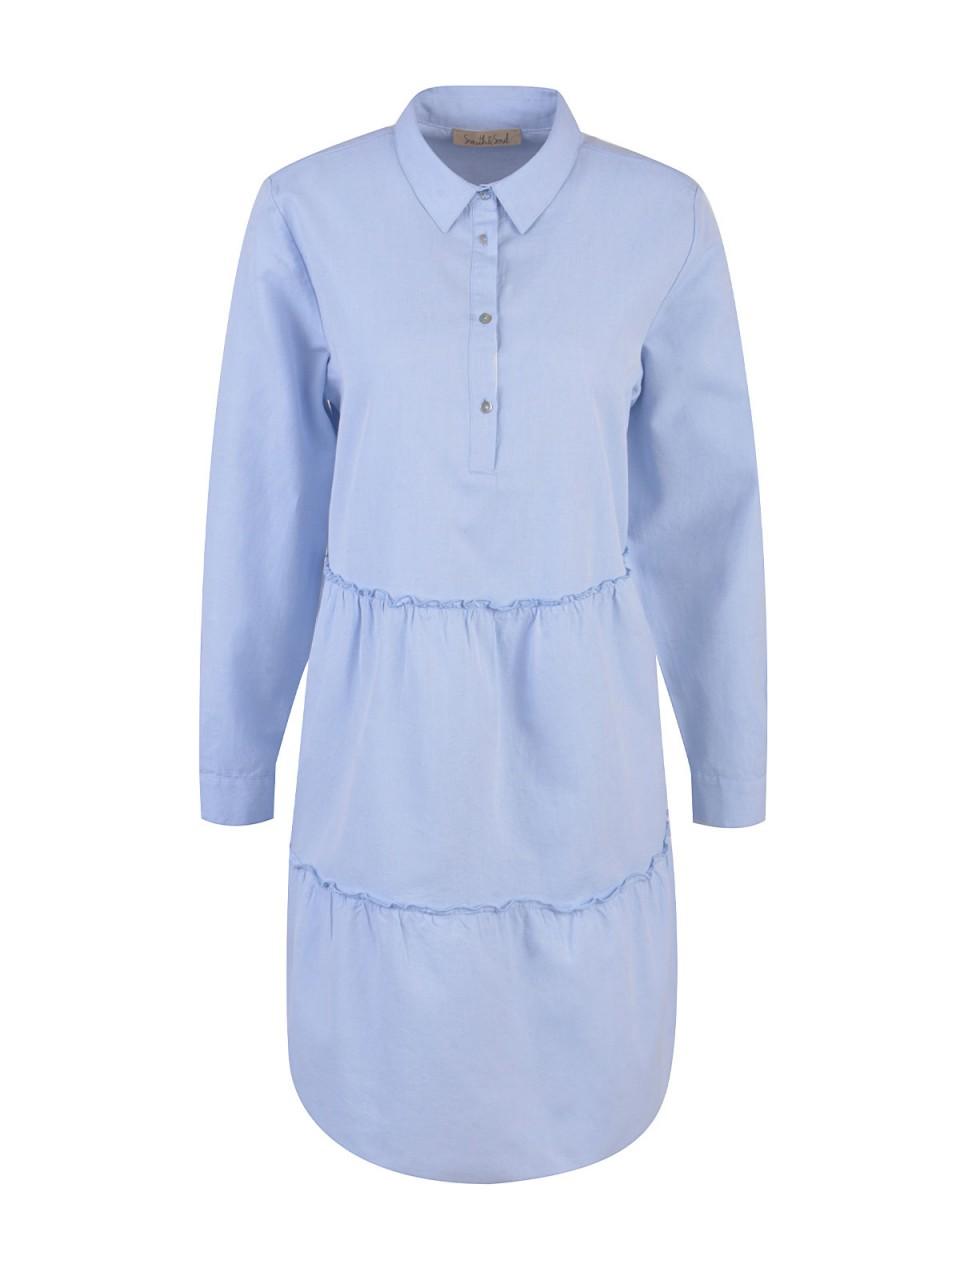 Kleider - SMITH SOUL Damen Kleid, hellblau  - Onlineshop Designermode.com